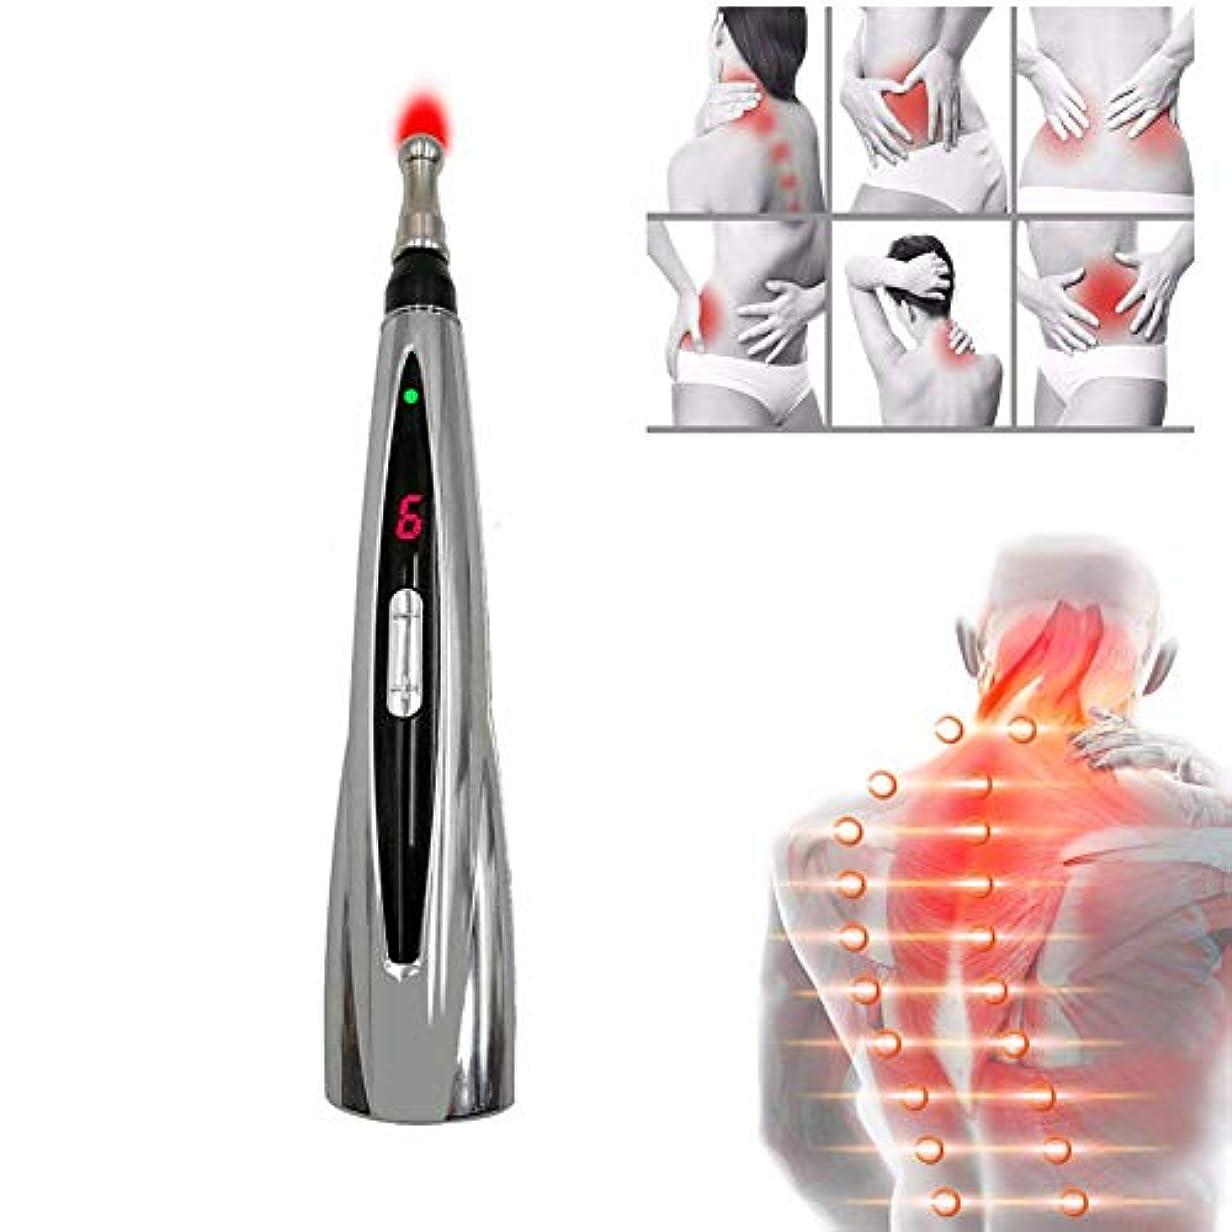 チートマーベルパノラマUSB充電式電気鍼メリディアンエネルギーペン痛み緩和とヘルスケアのための針のない鍼ツール